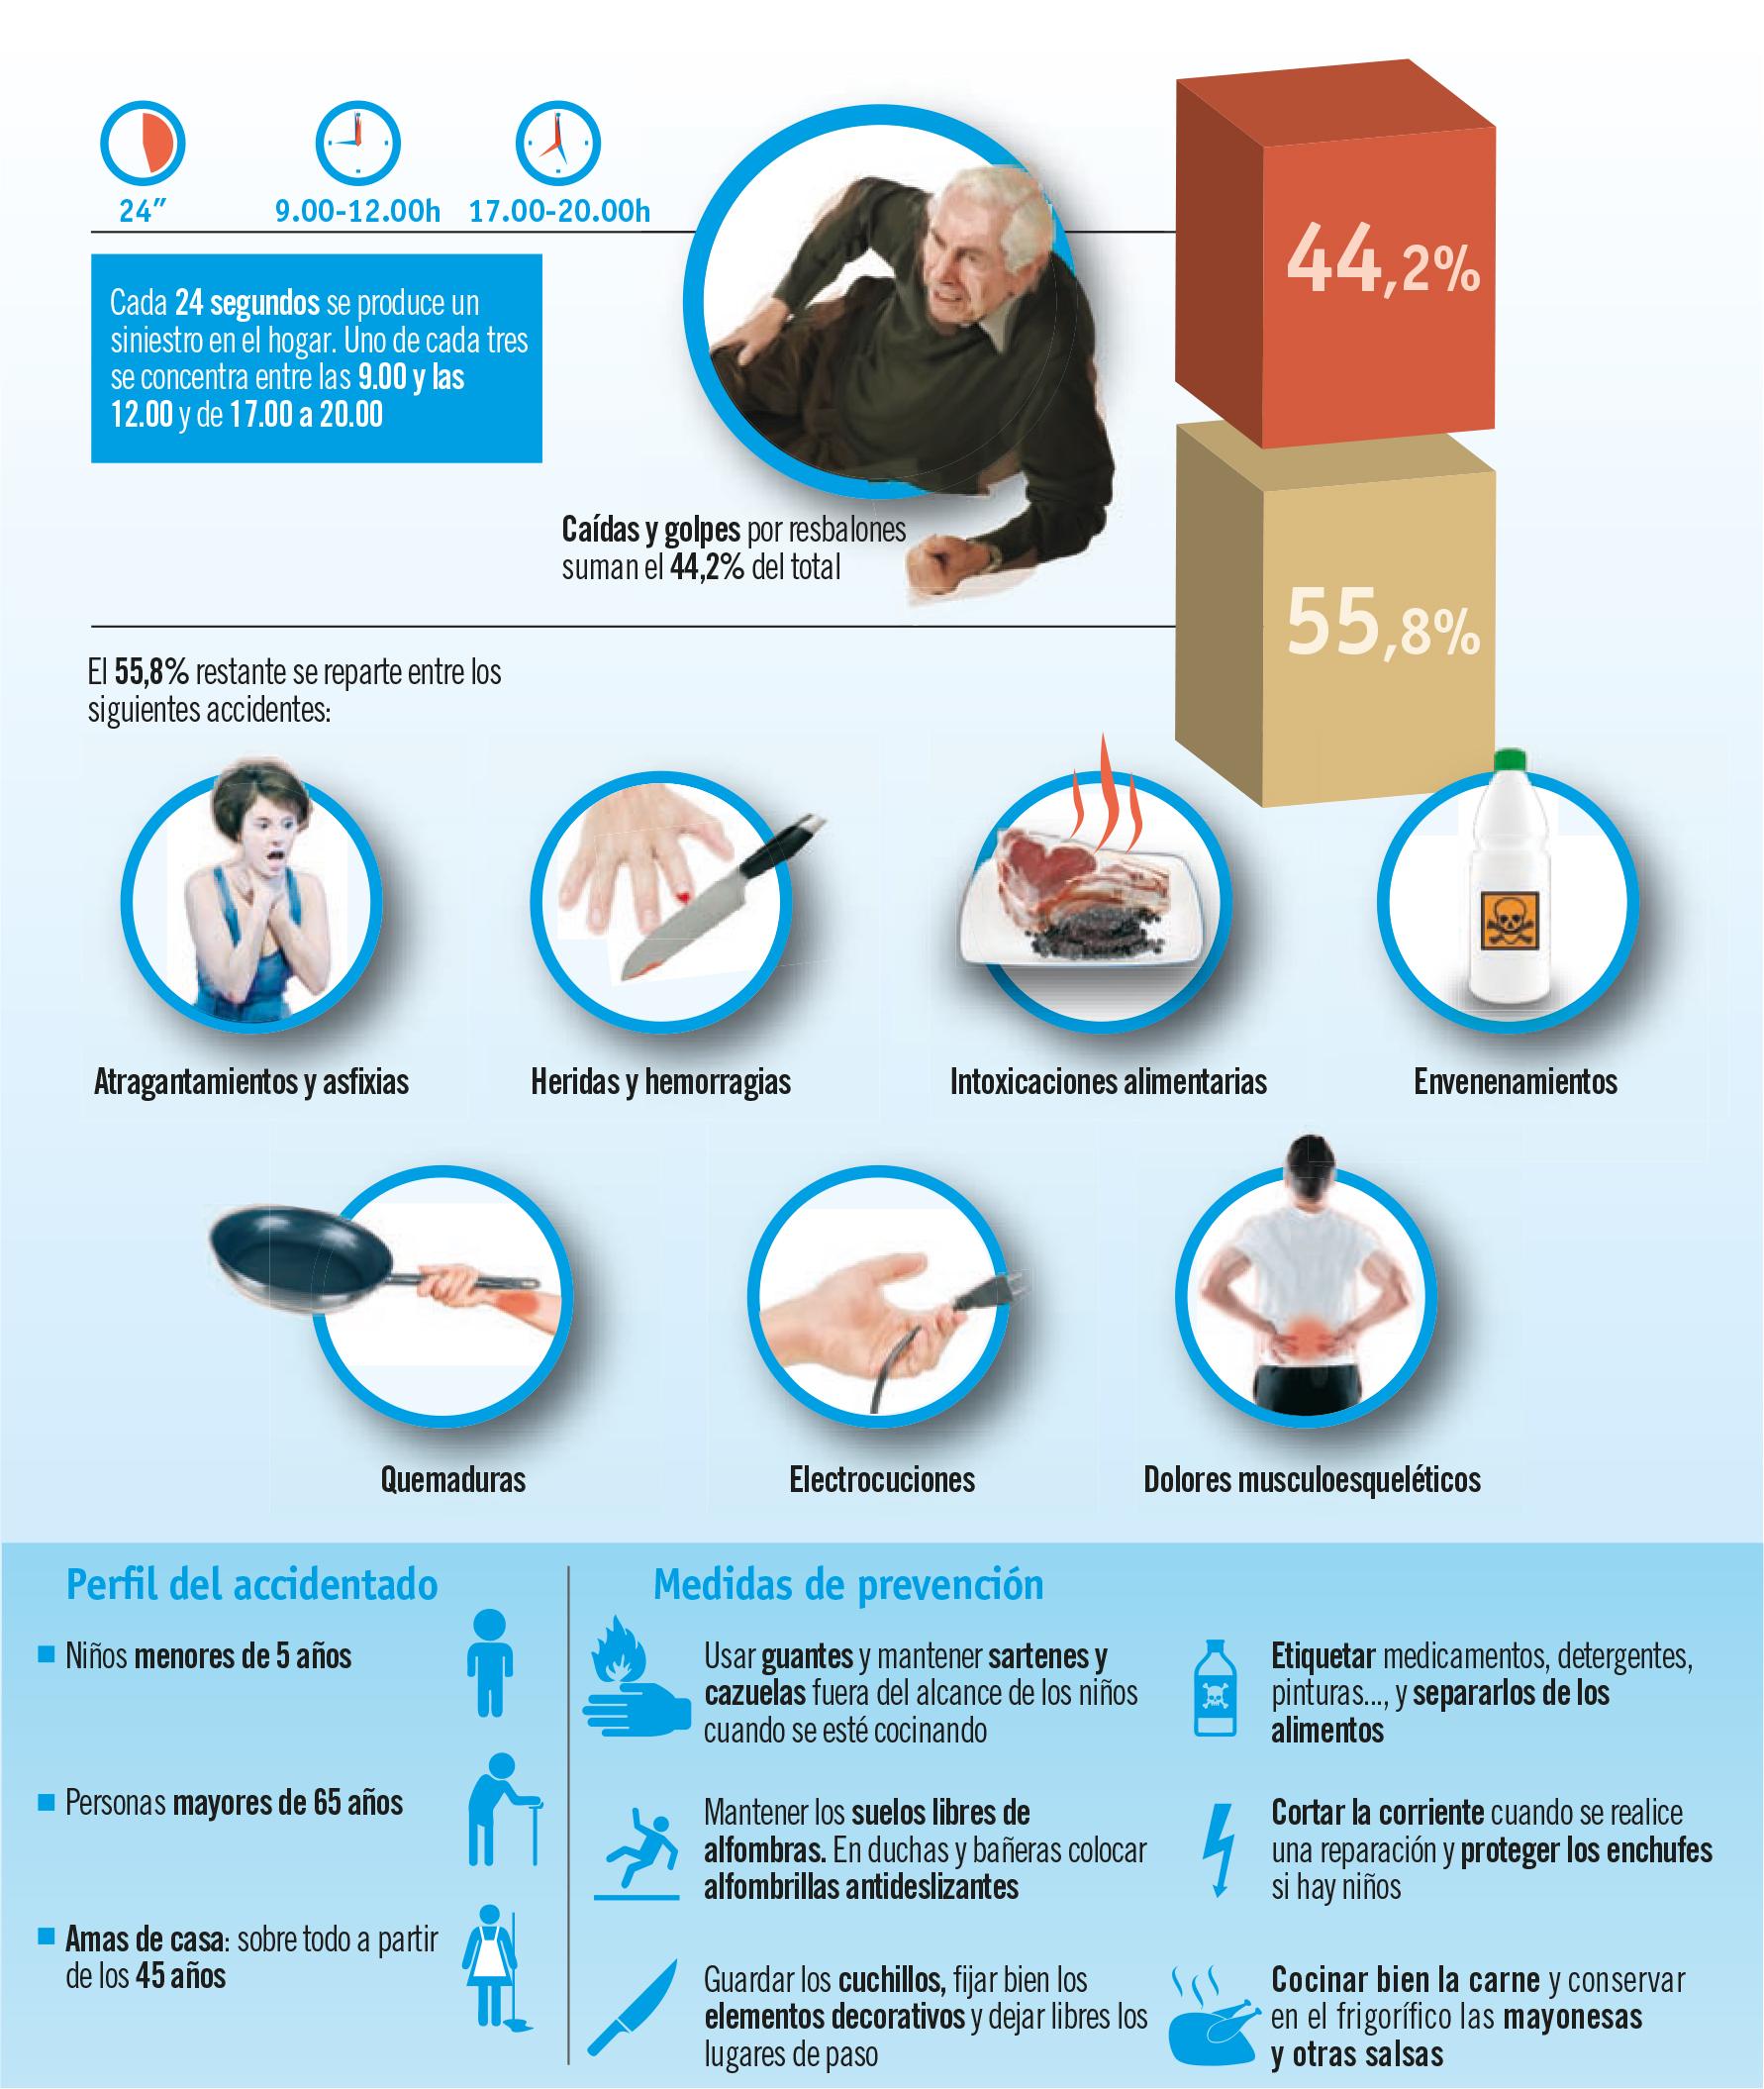 Accidentes en casa, habituales y peligrosos